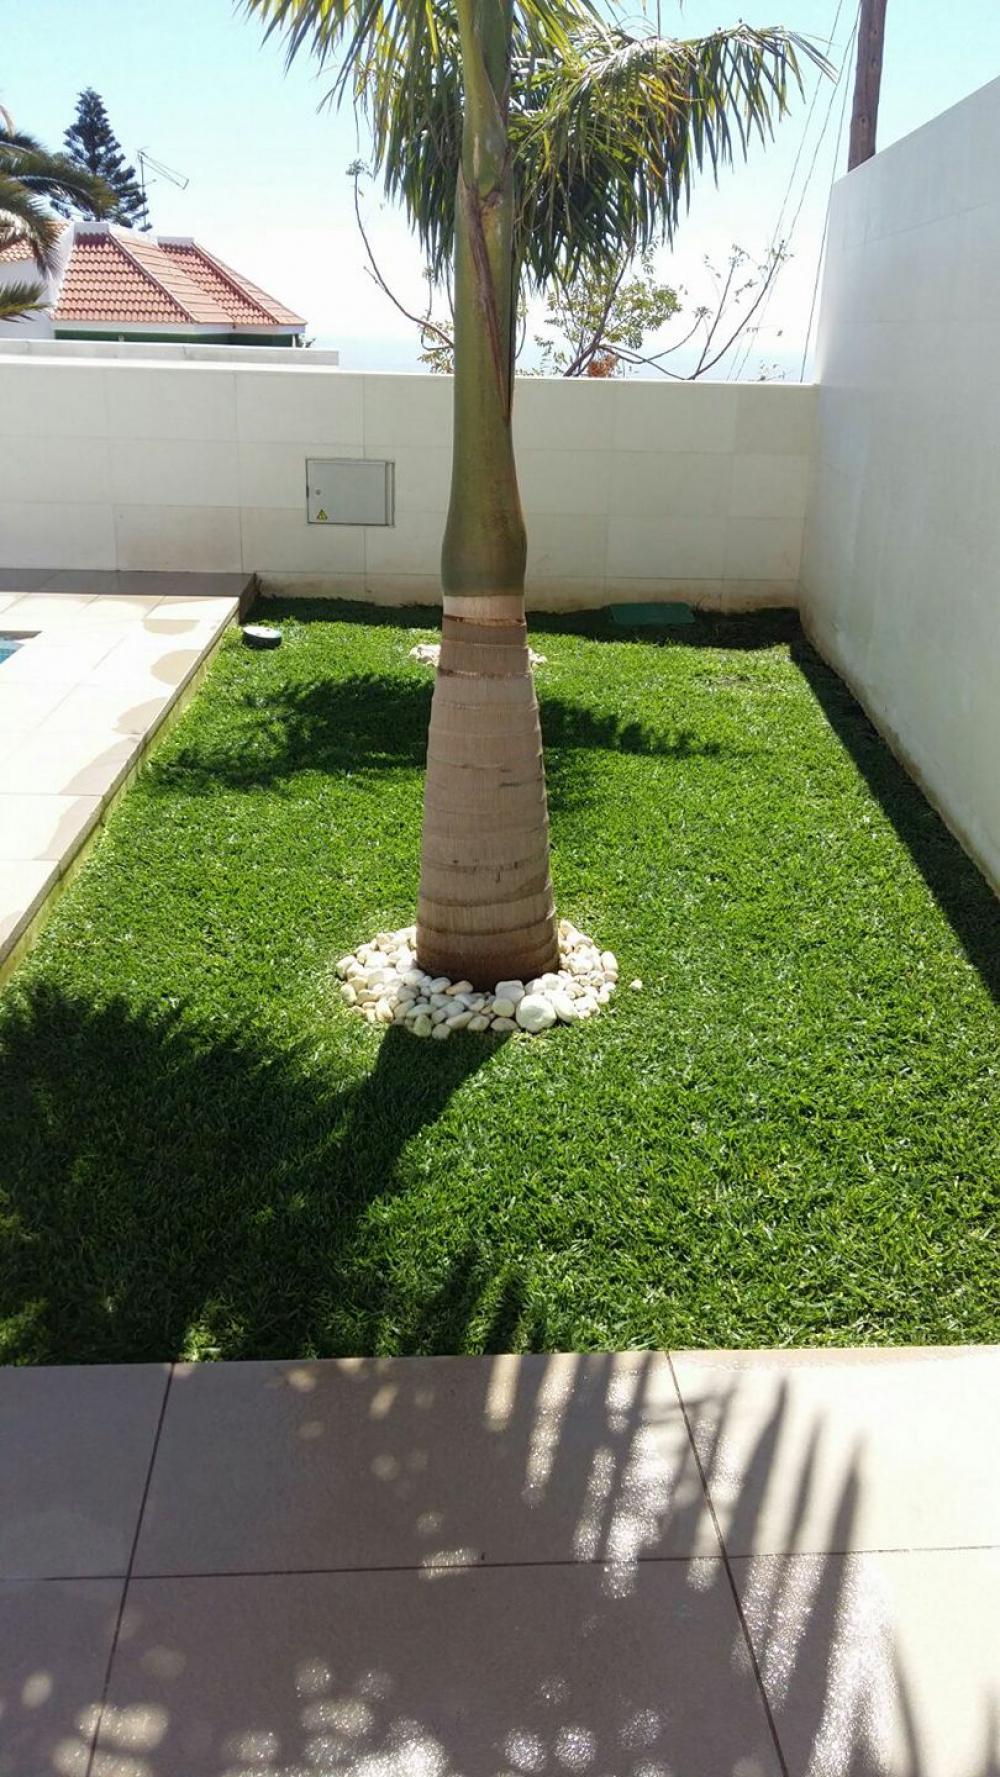 Empresas de jardineria en tenerife gallery of trendy landscaping company in alicante with - Jardineros tenerife ...